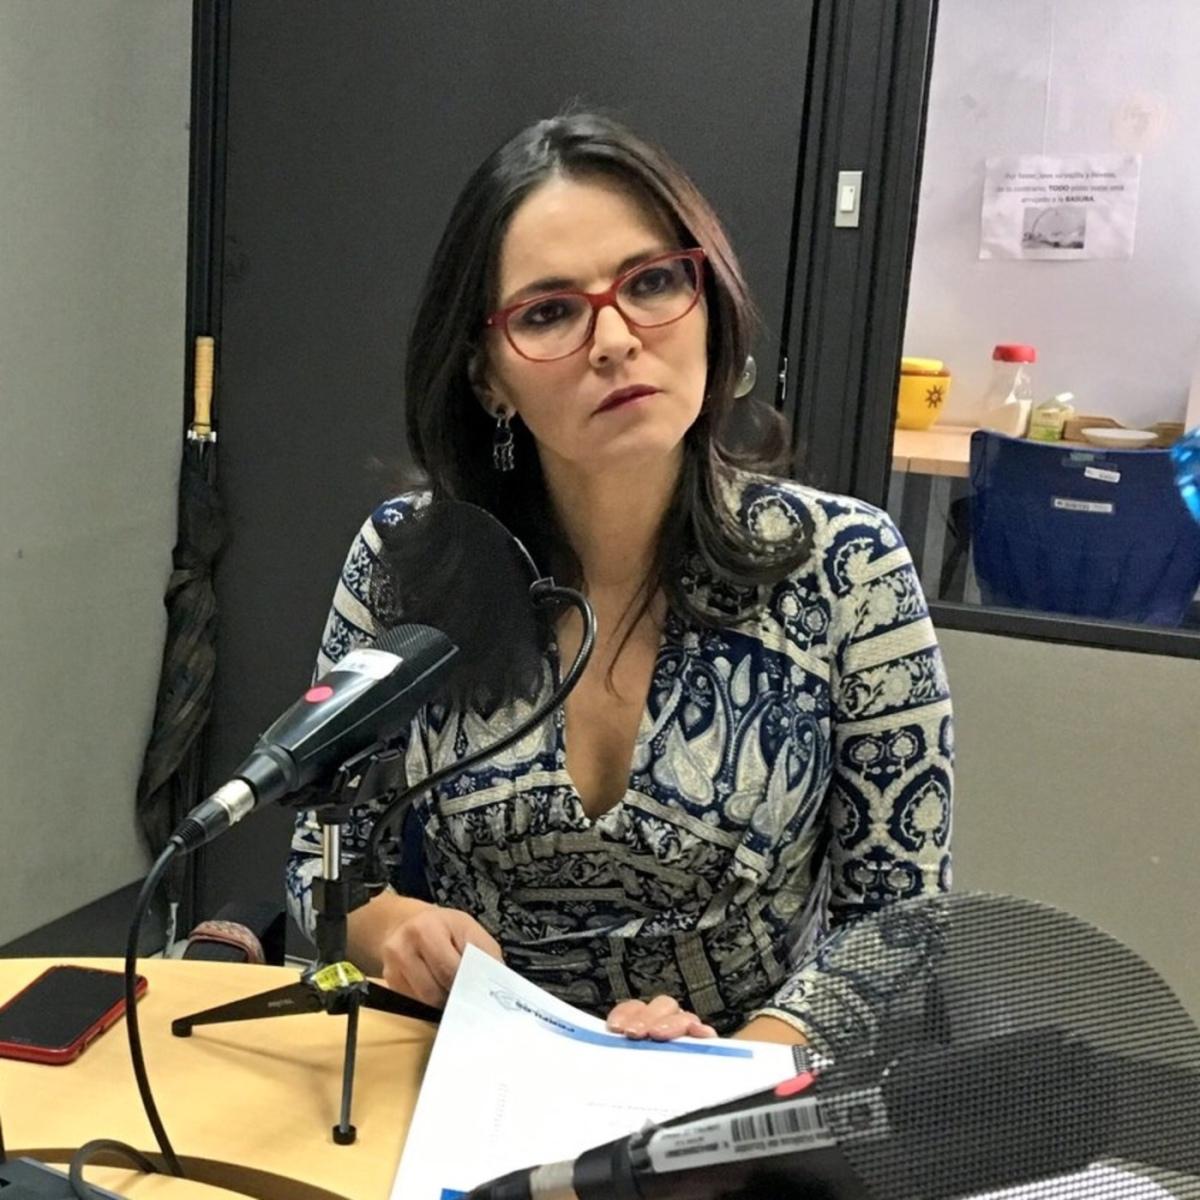 @PaulinaRecalde afirma que @CNEgobEc no entrega información para realizar encuestas de candidatos